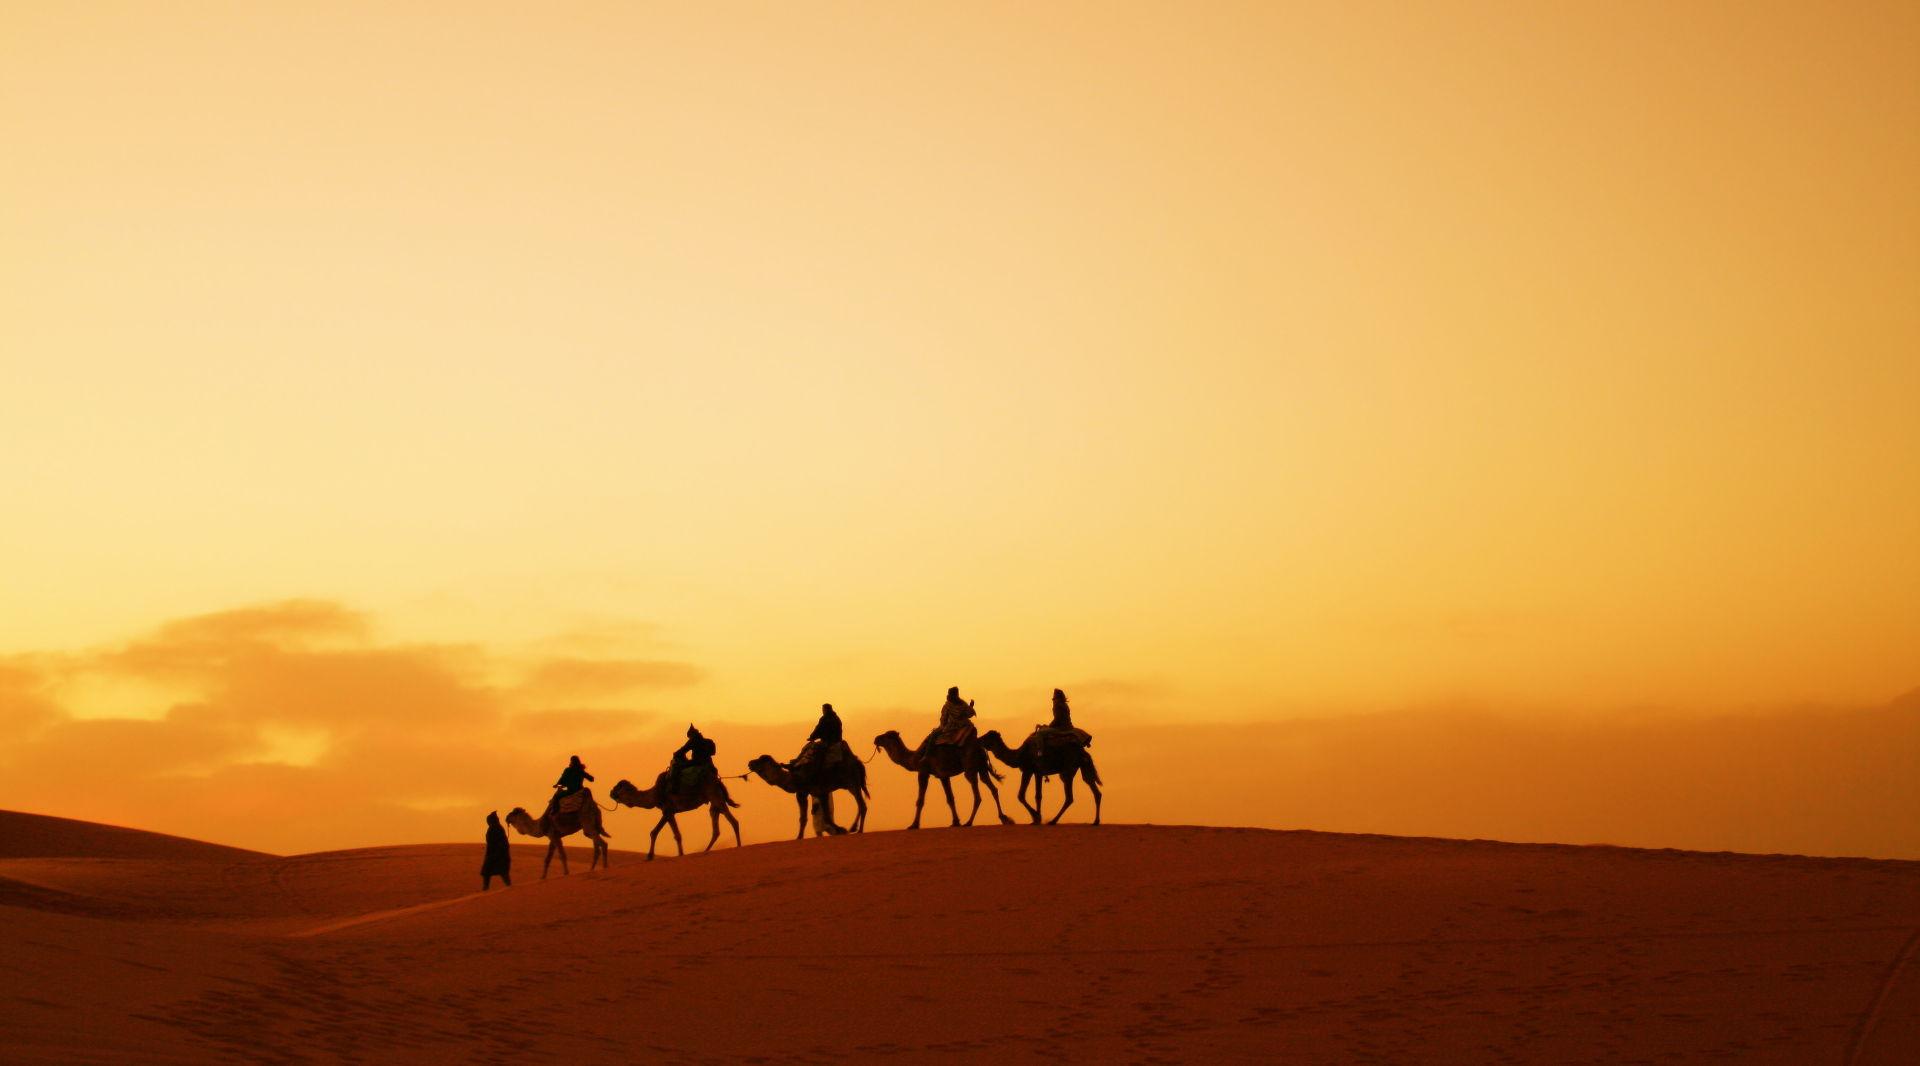 Camel Trekking In The Desert Of Morocco